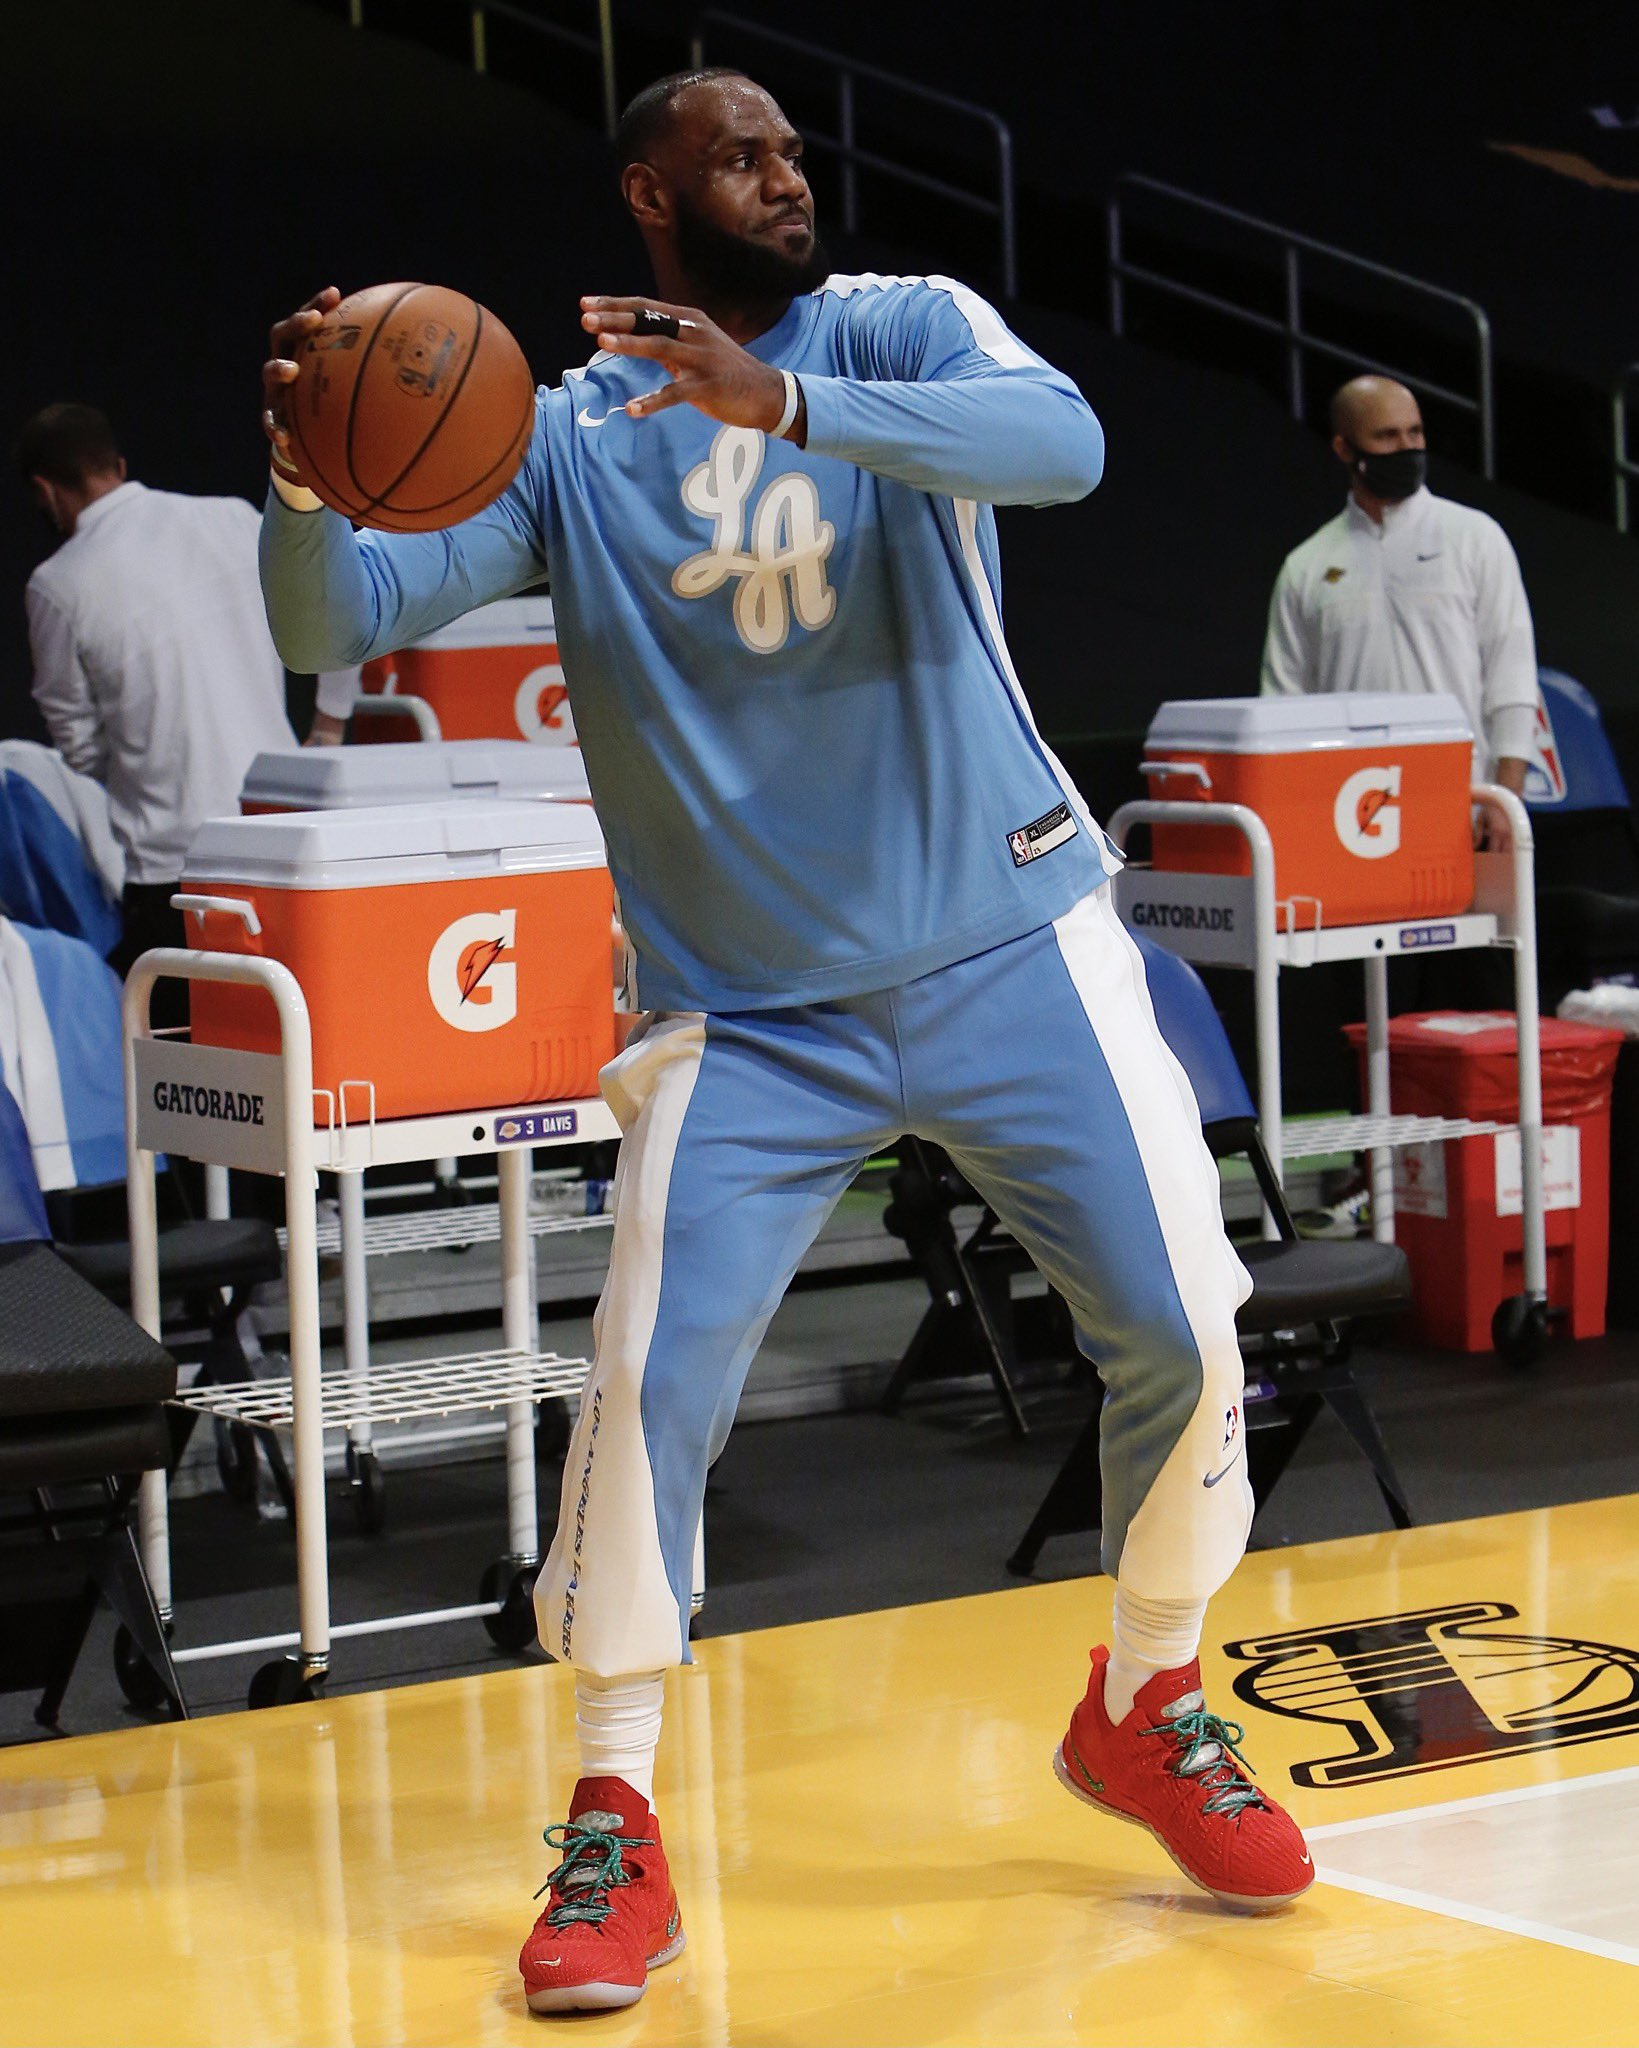 红色喜庆!NBA官方晒詹姆斯赛前热身照:圣诞版詹18战靴